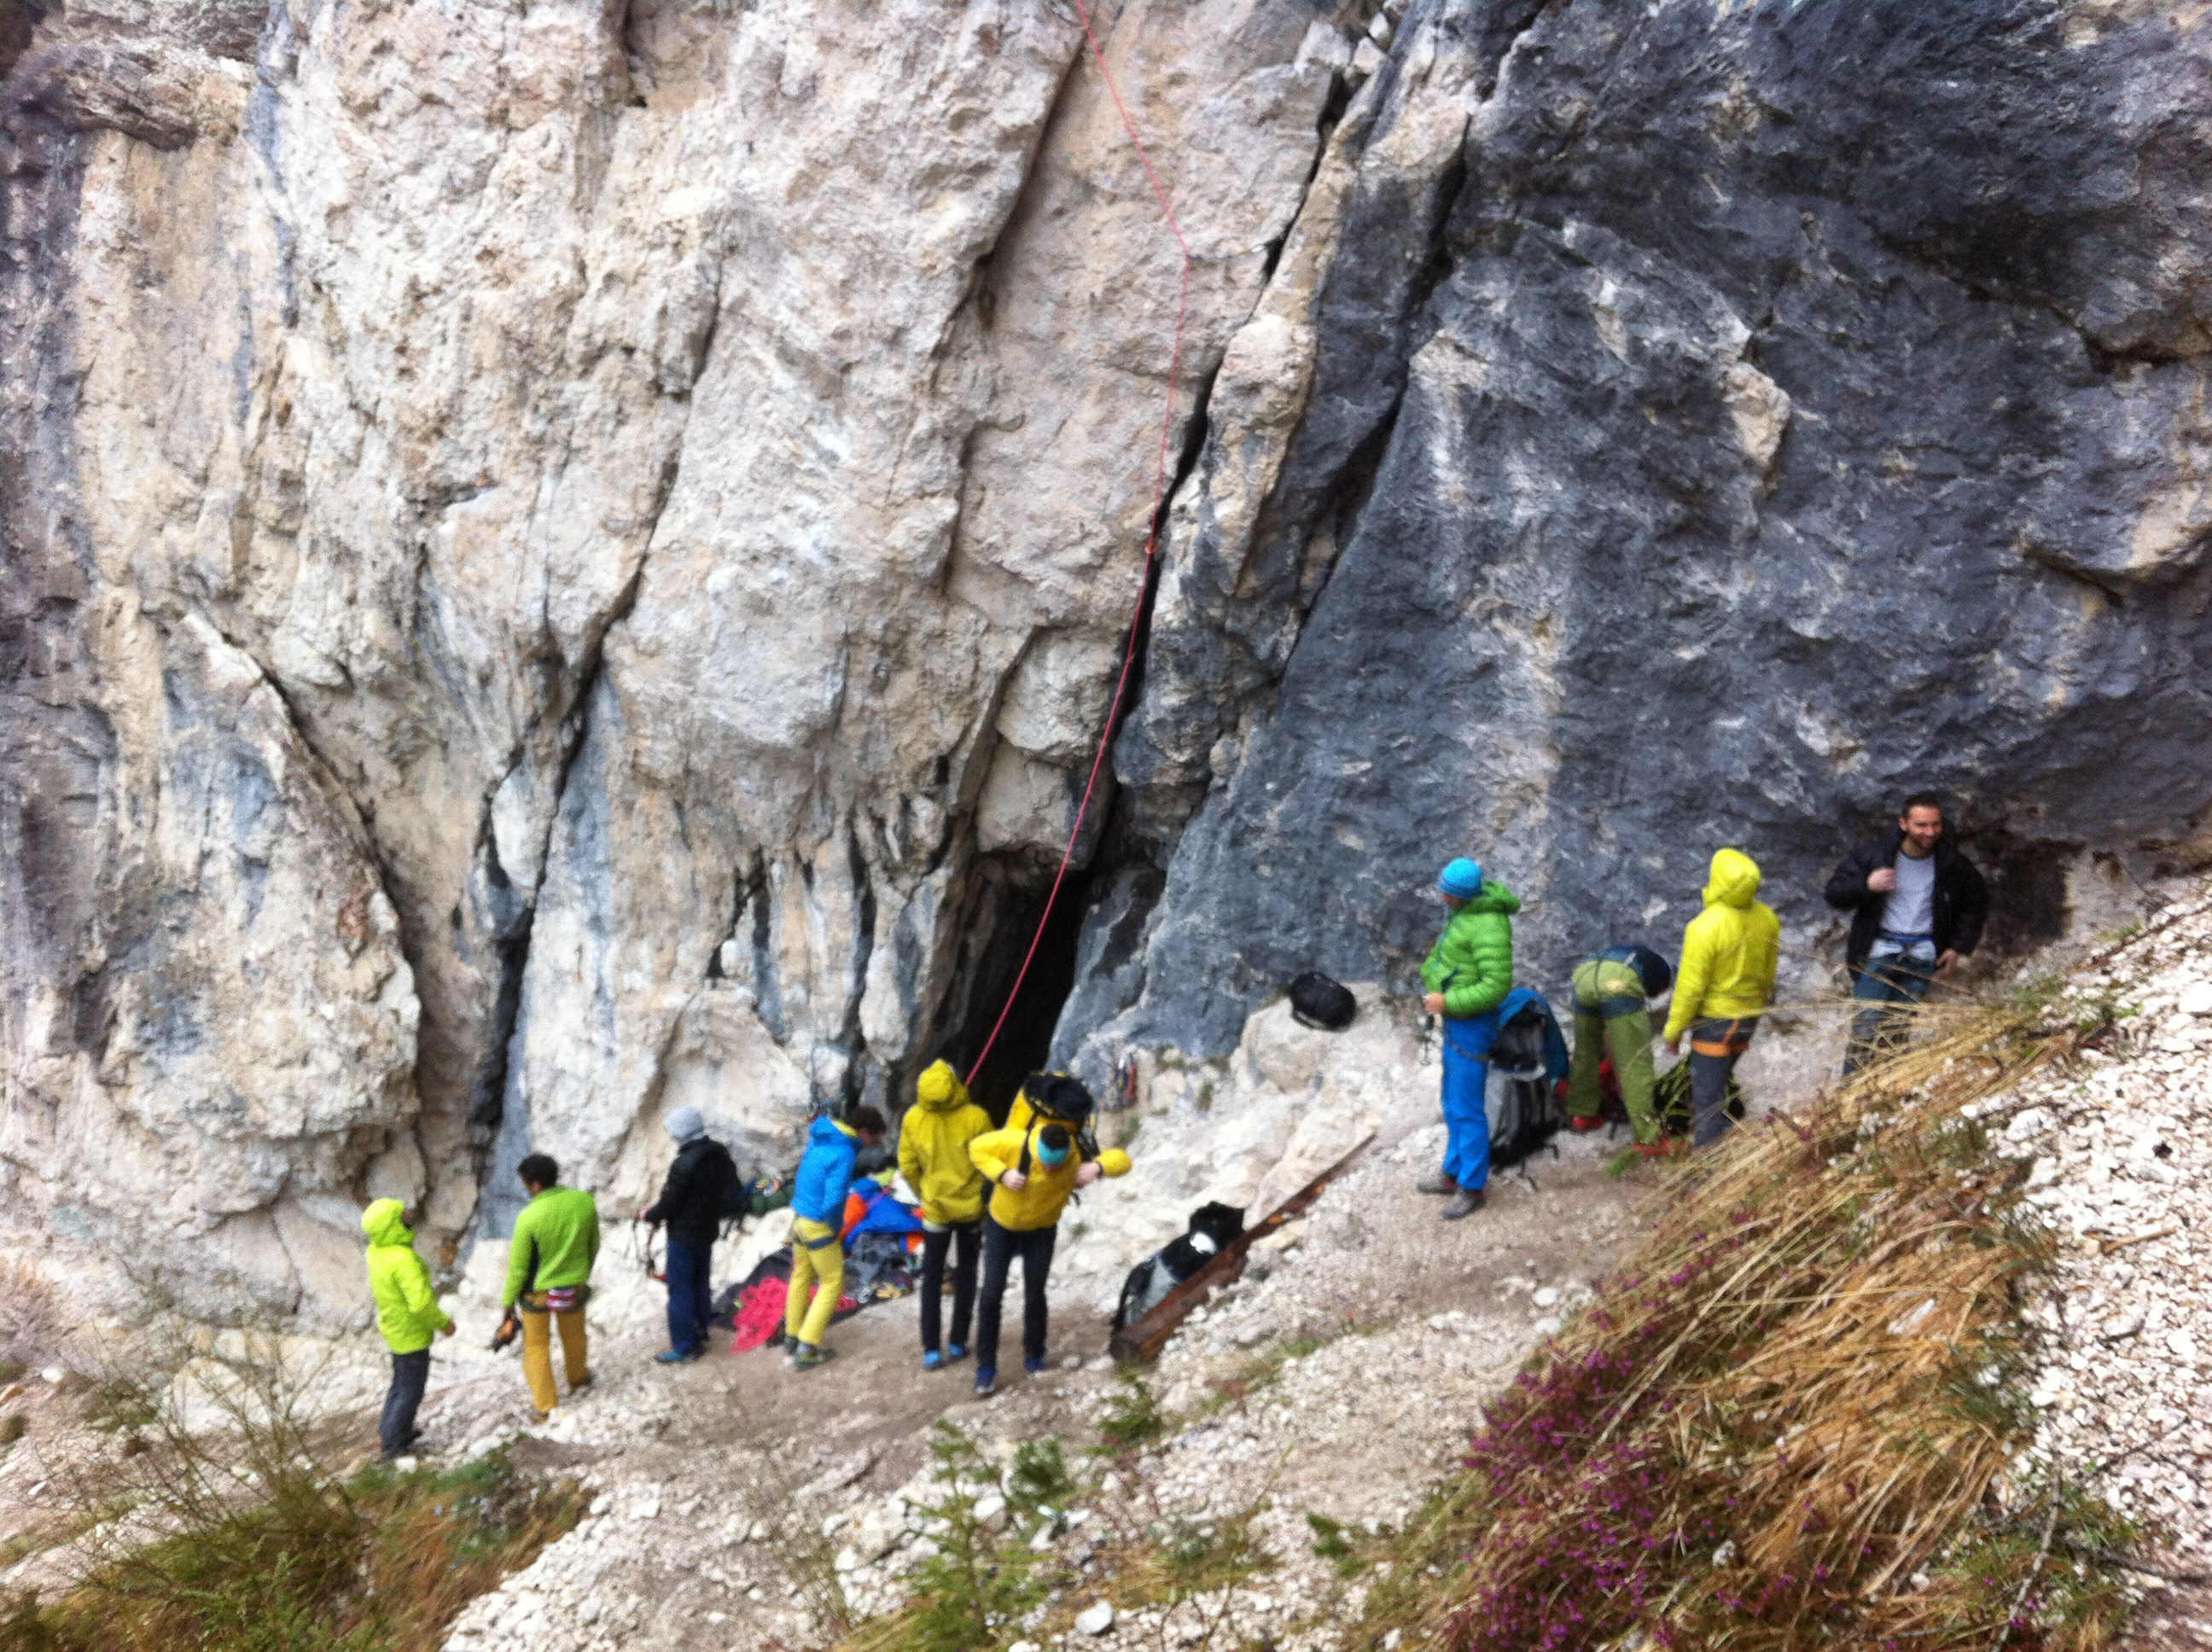 E' online il bando di preselezione per accedere ai corsi di formazione per Aspiranti Guide Alpine